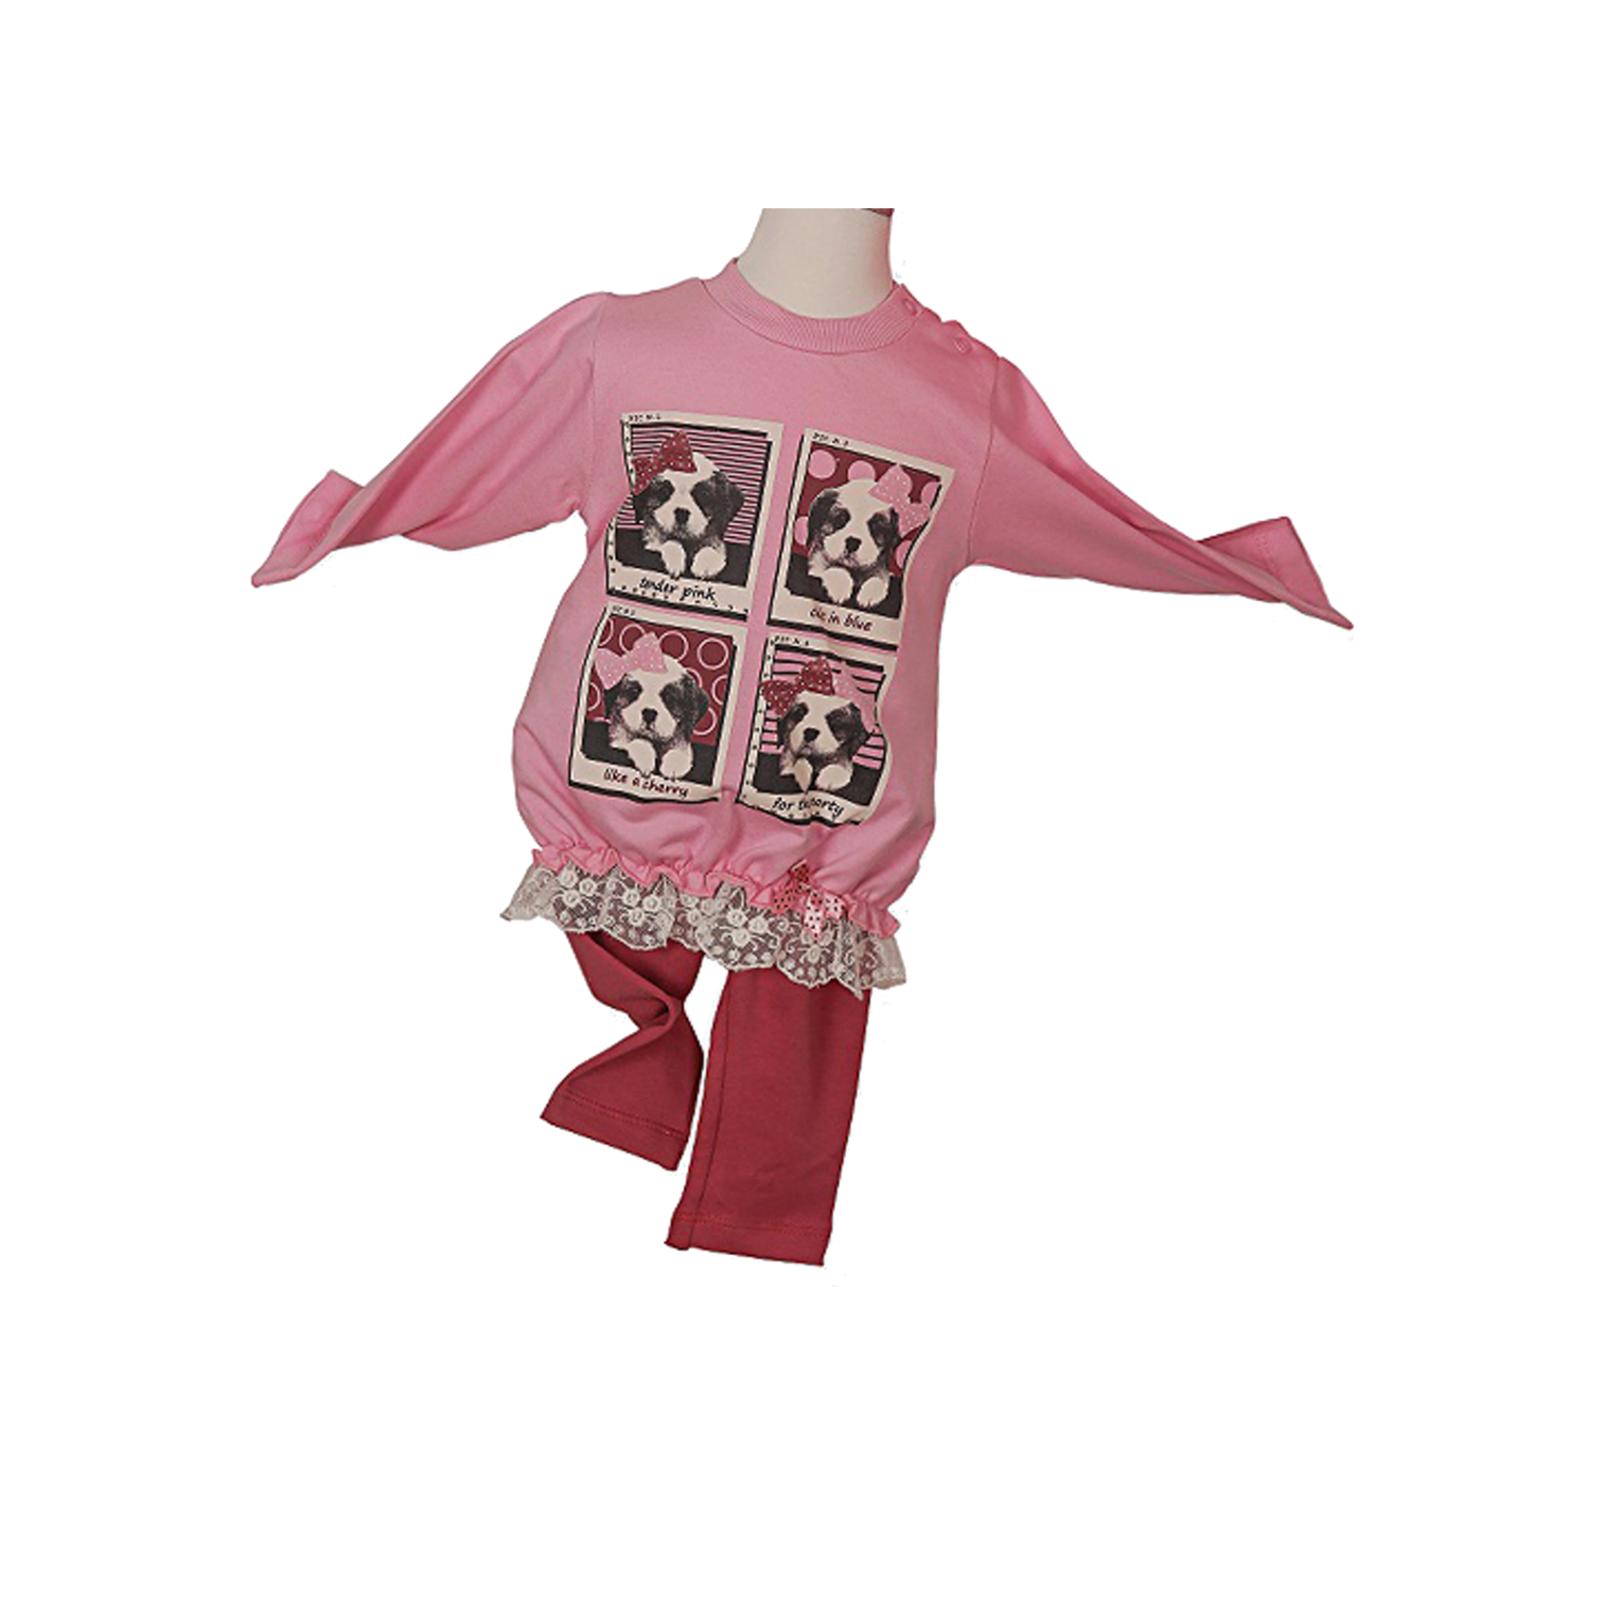 Комплект одежды Estella для девочки, брюки, туника, цвет - Розовый Размер 68